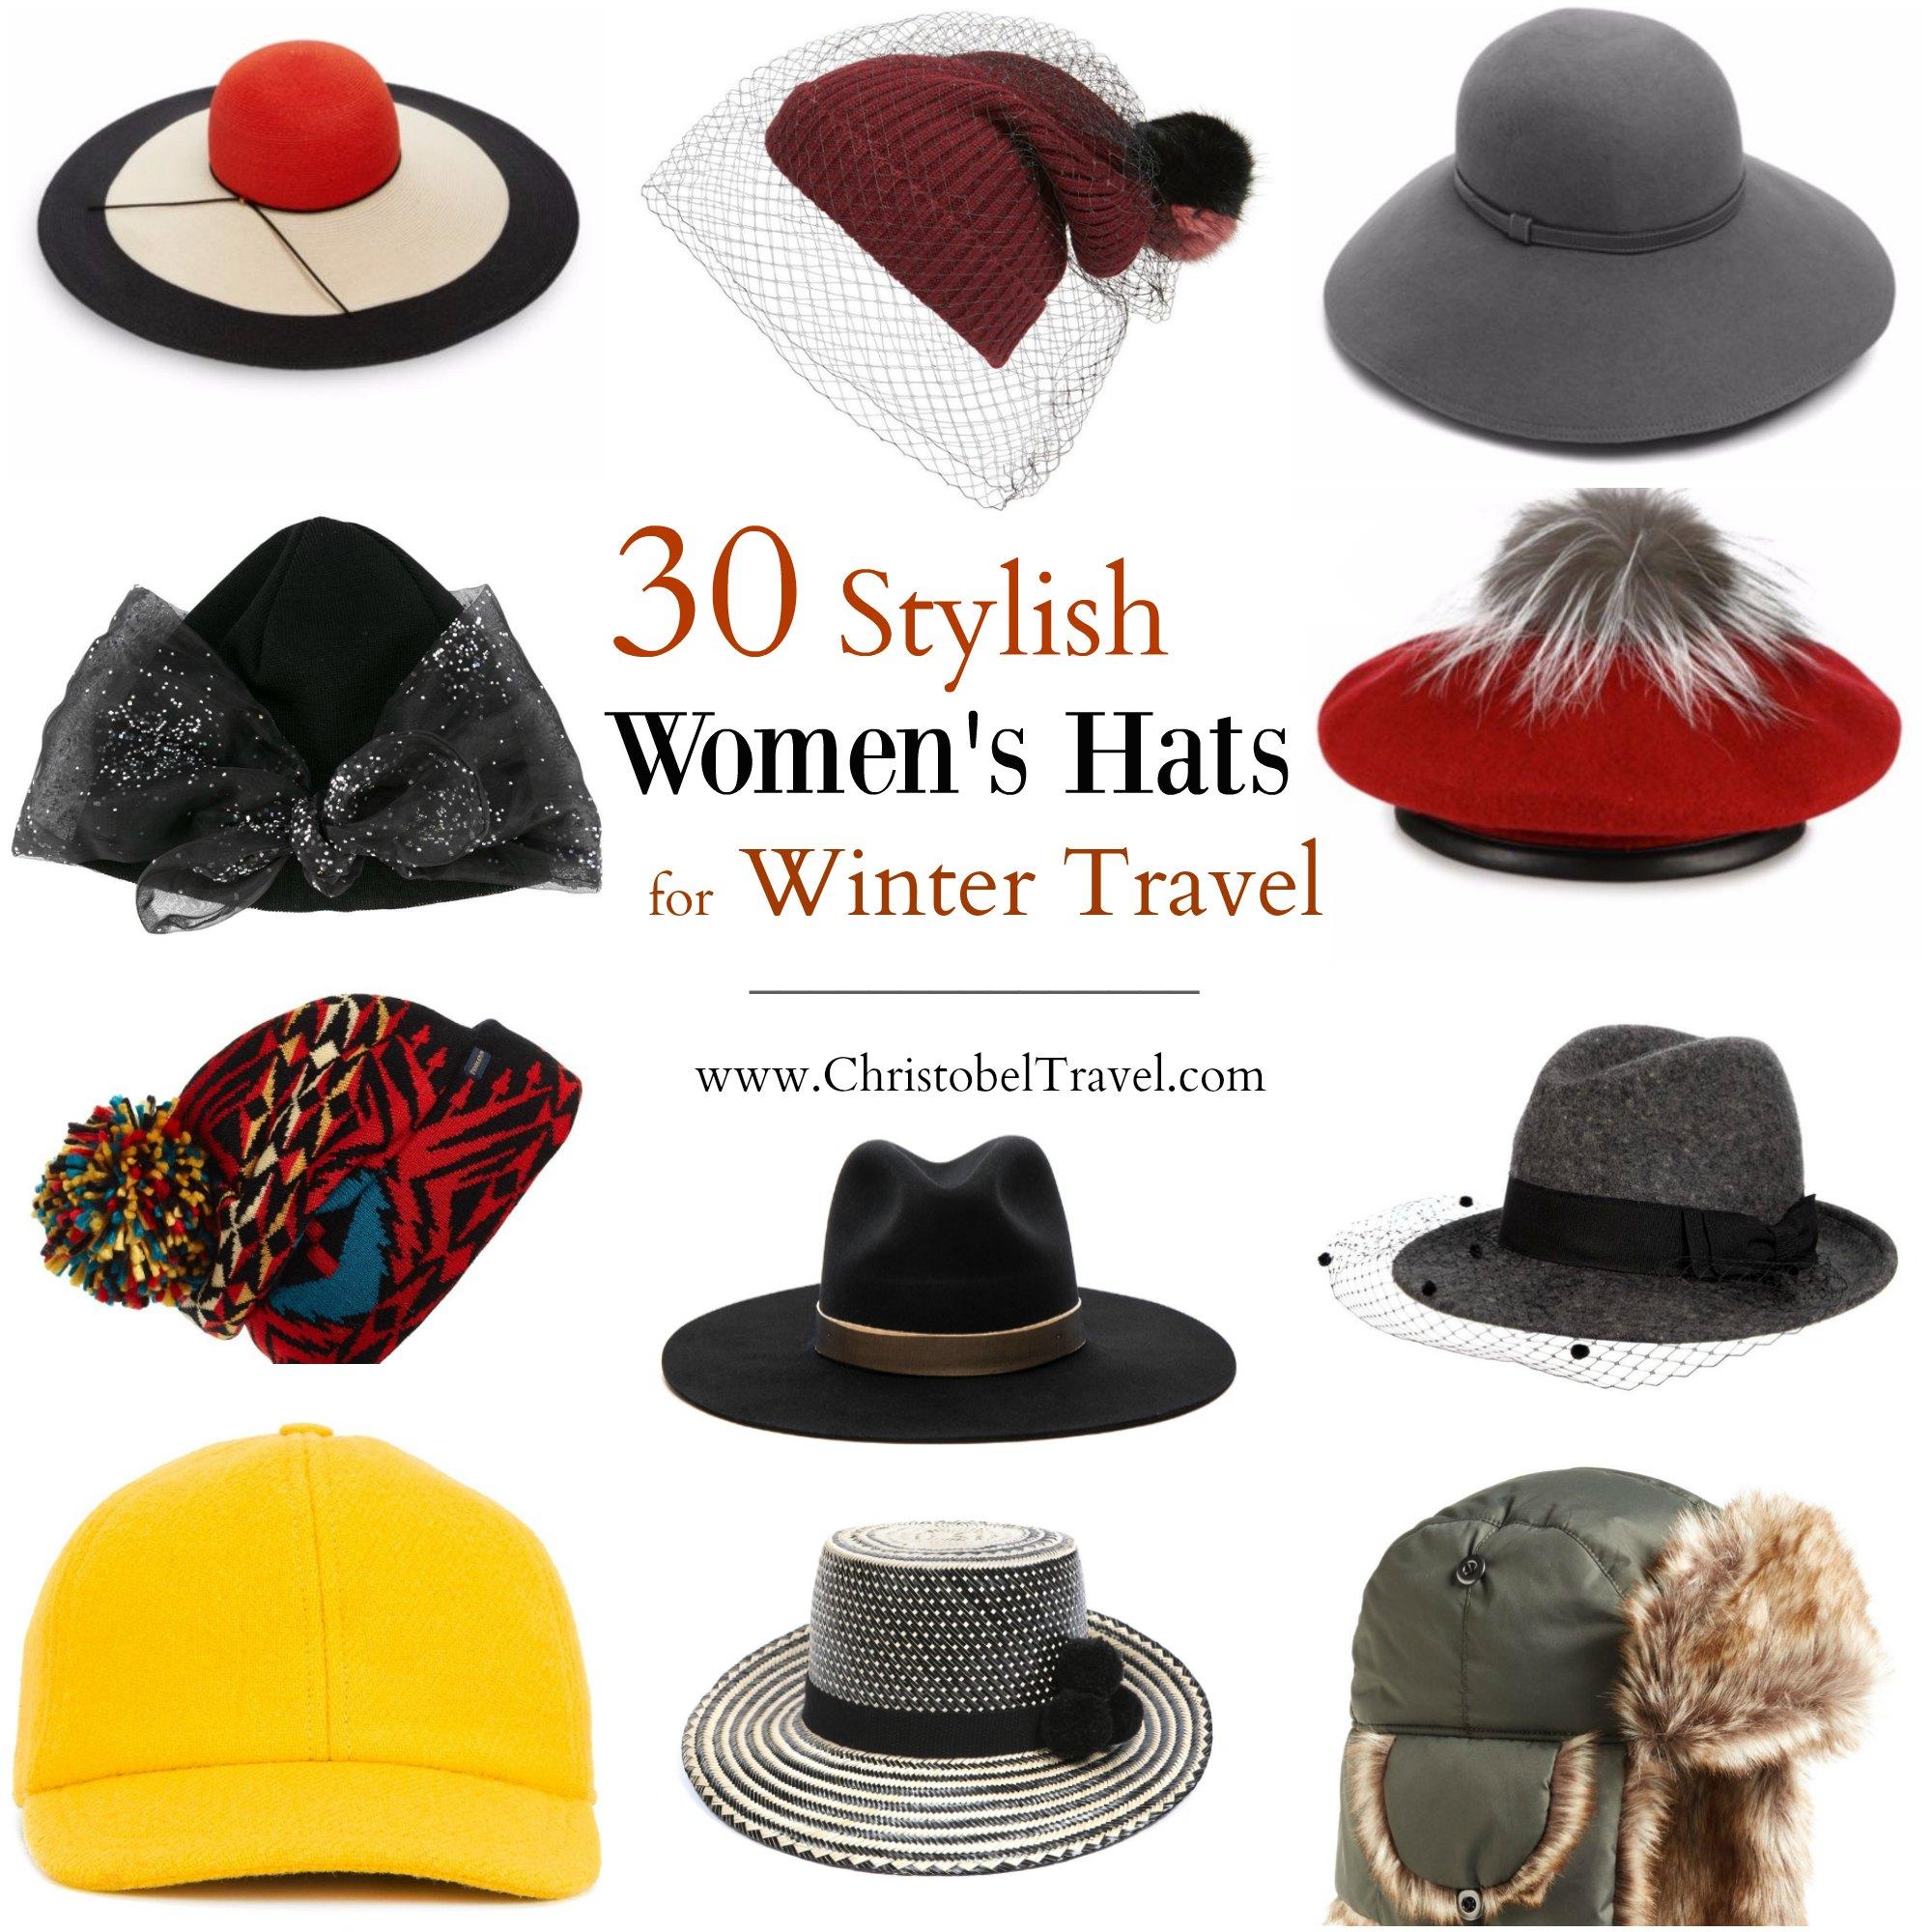 4687467ea17 30 Stylish Women's Hats for Winter Travel - Christobel Travel